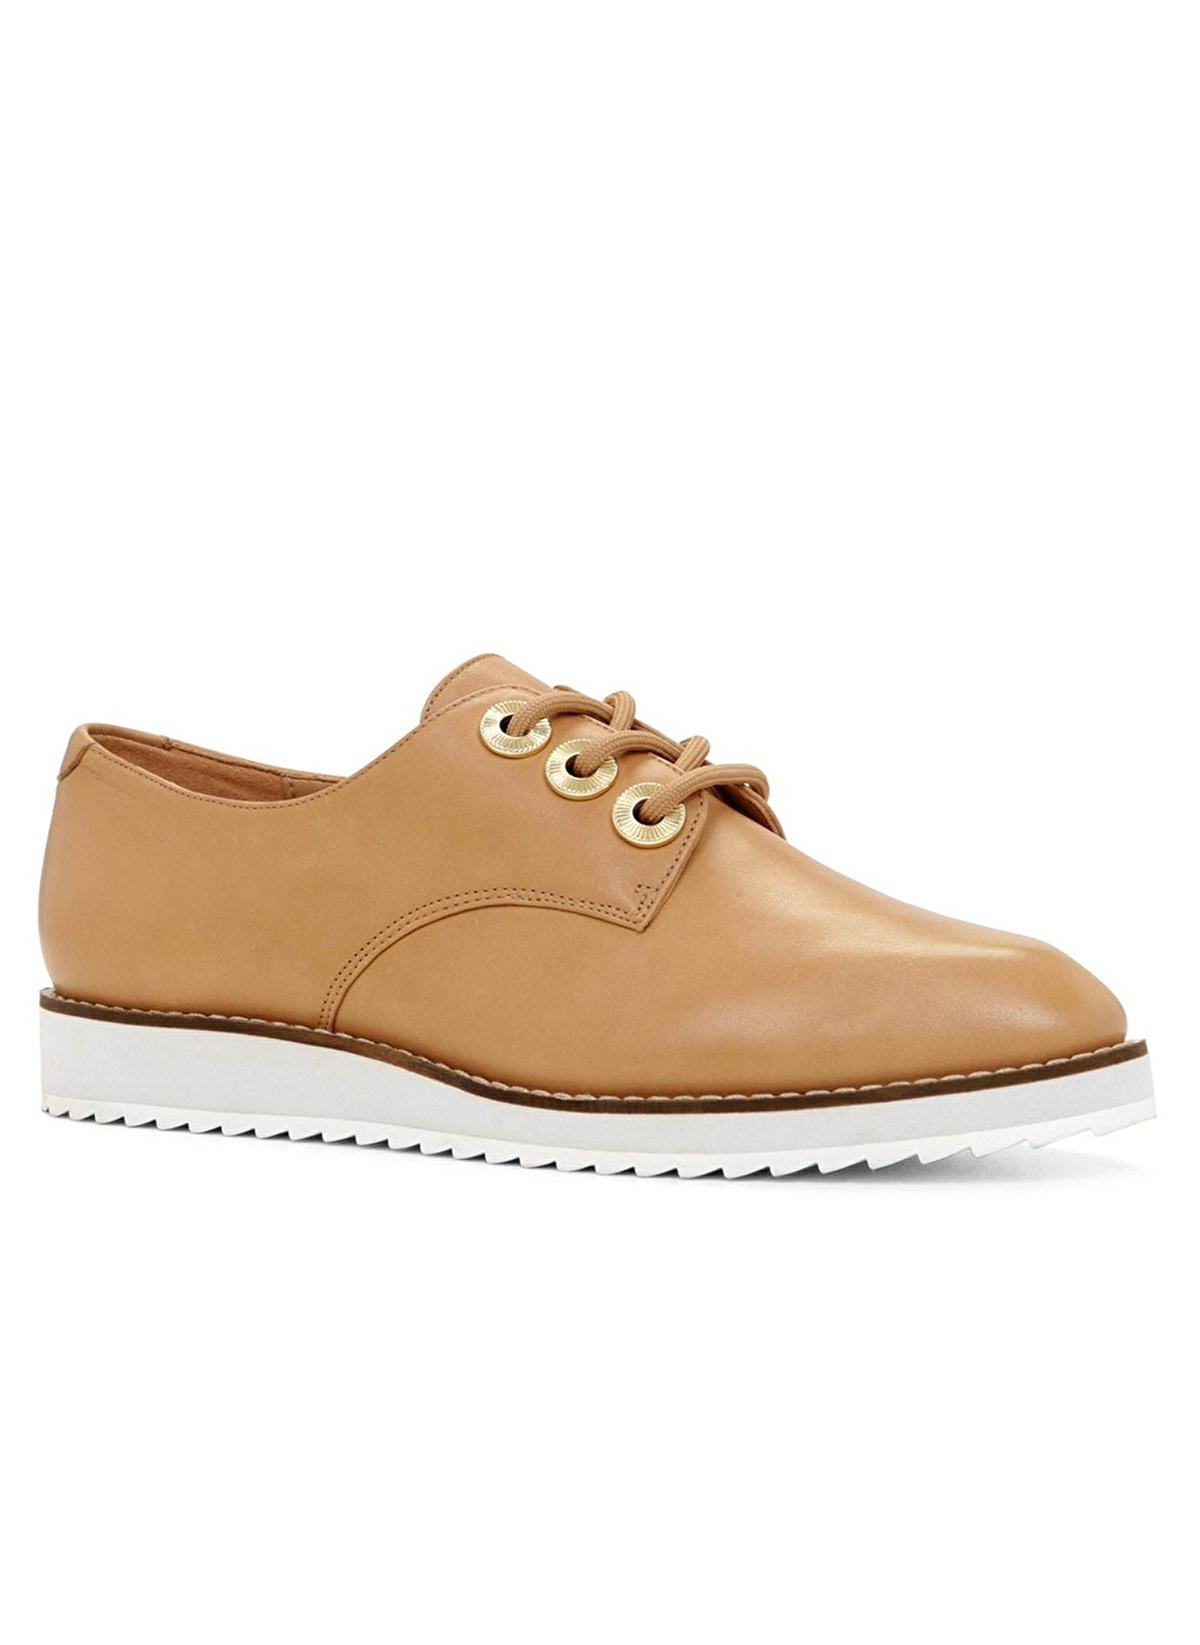 Aldo Deri Bağcıklı Ayakkabı Brıranı Oxford & Loafer – 99.0 TL